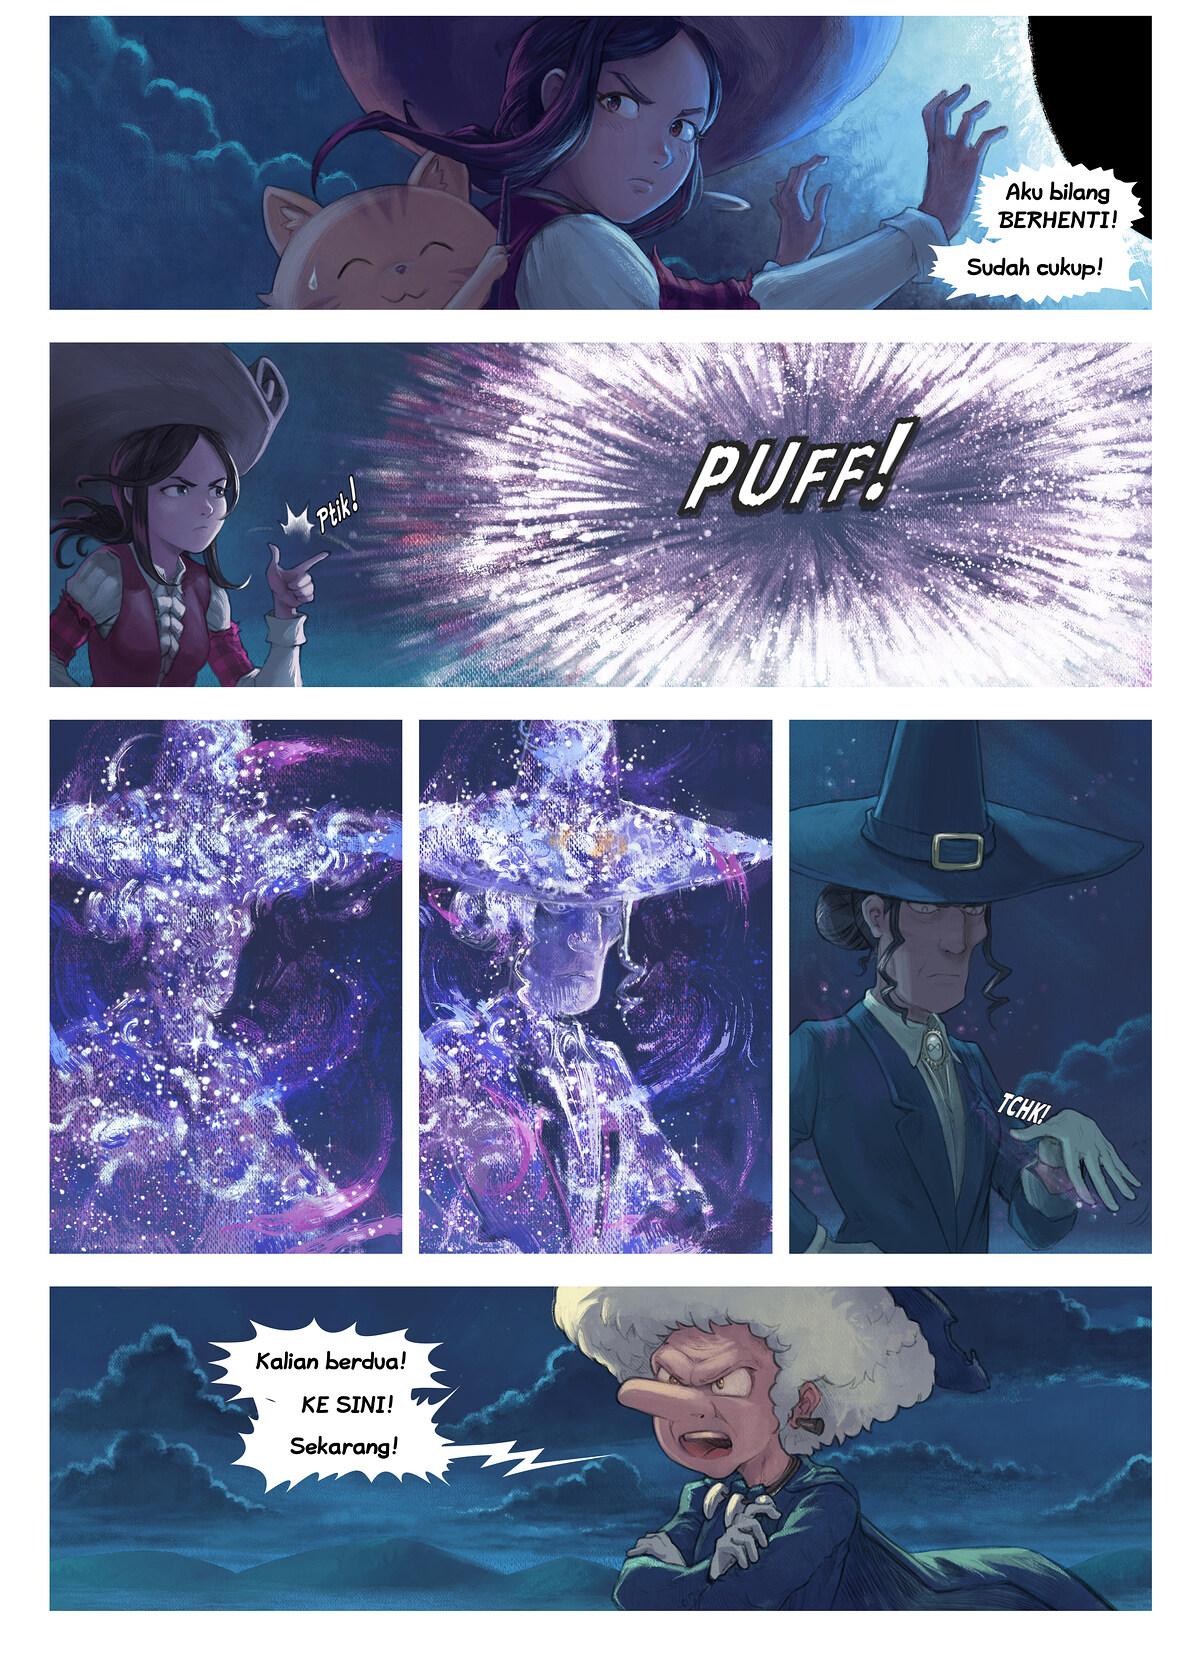 Episode 31: Pertarungan, Page 6